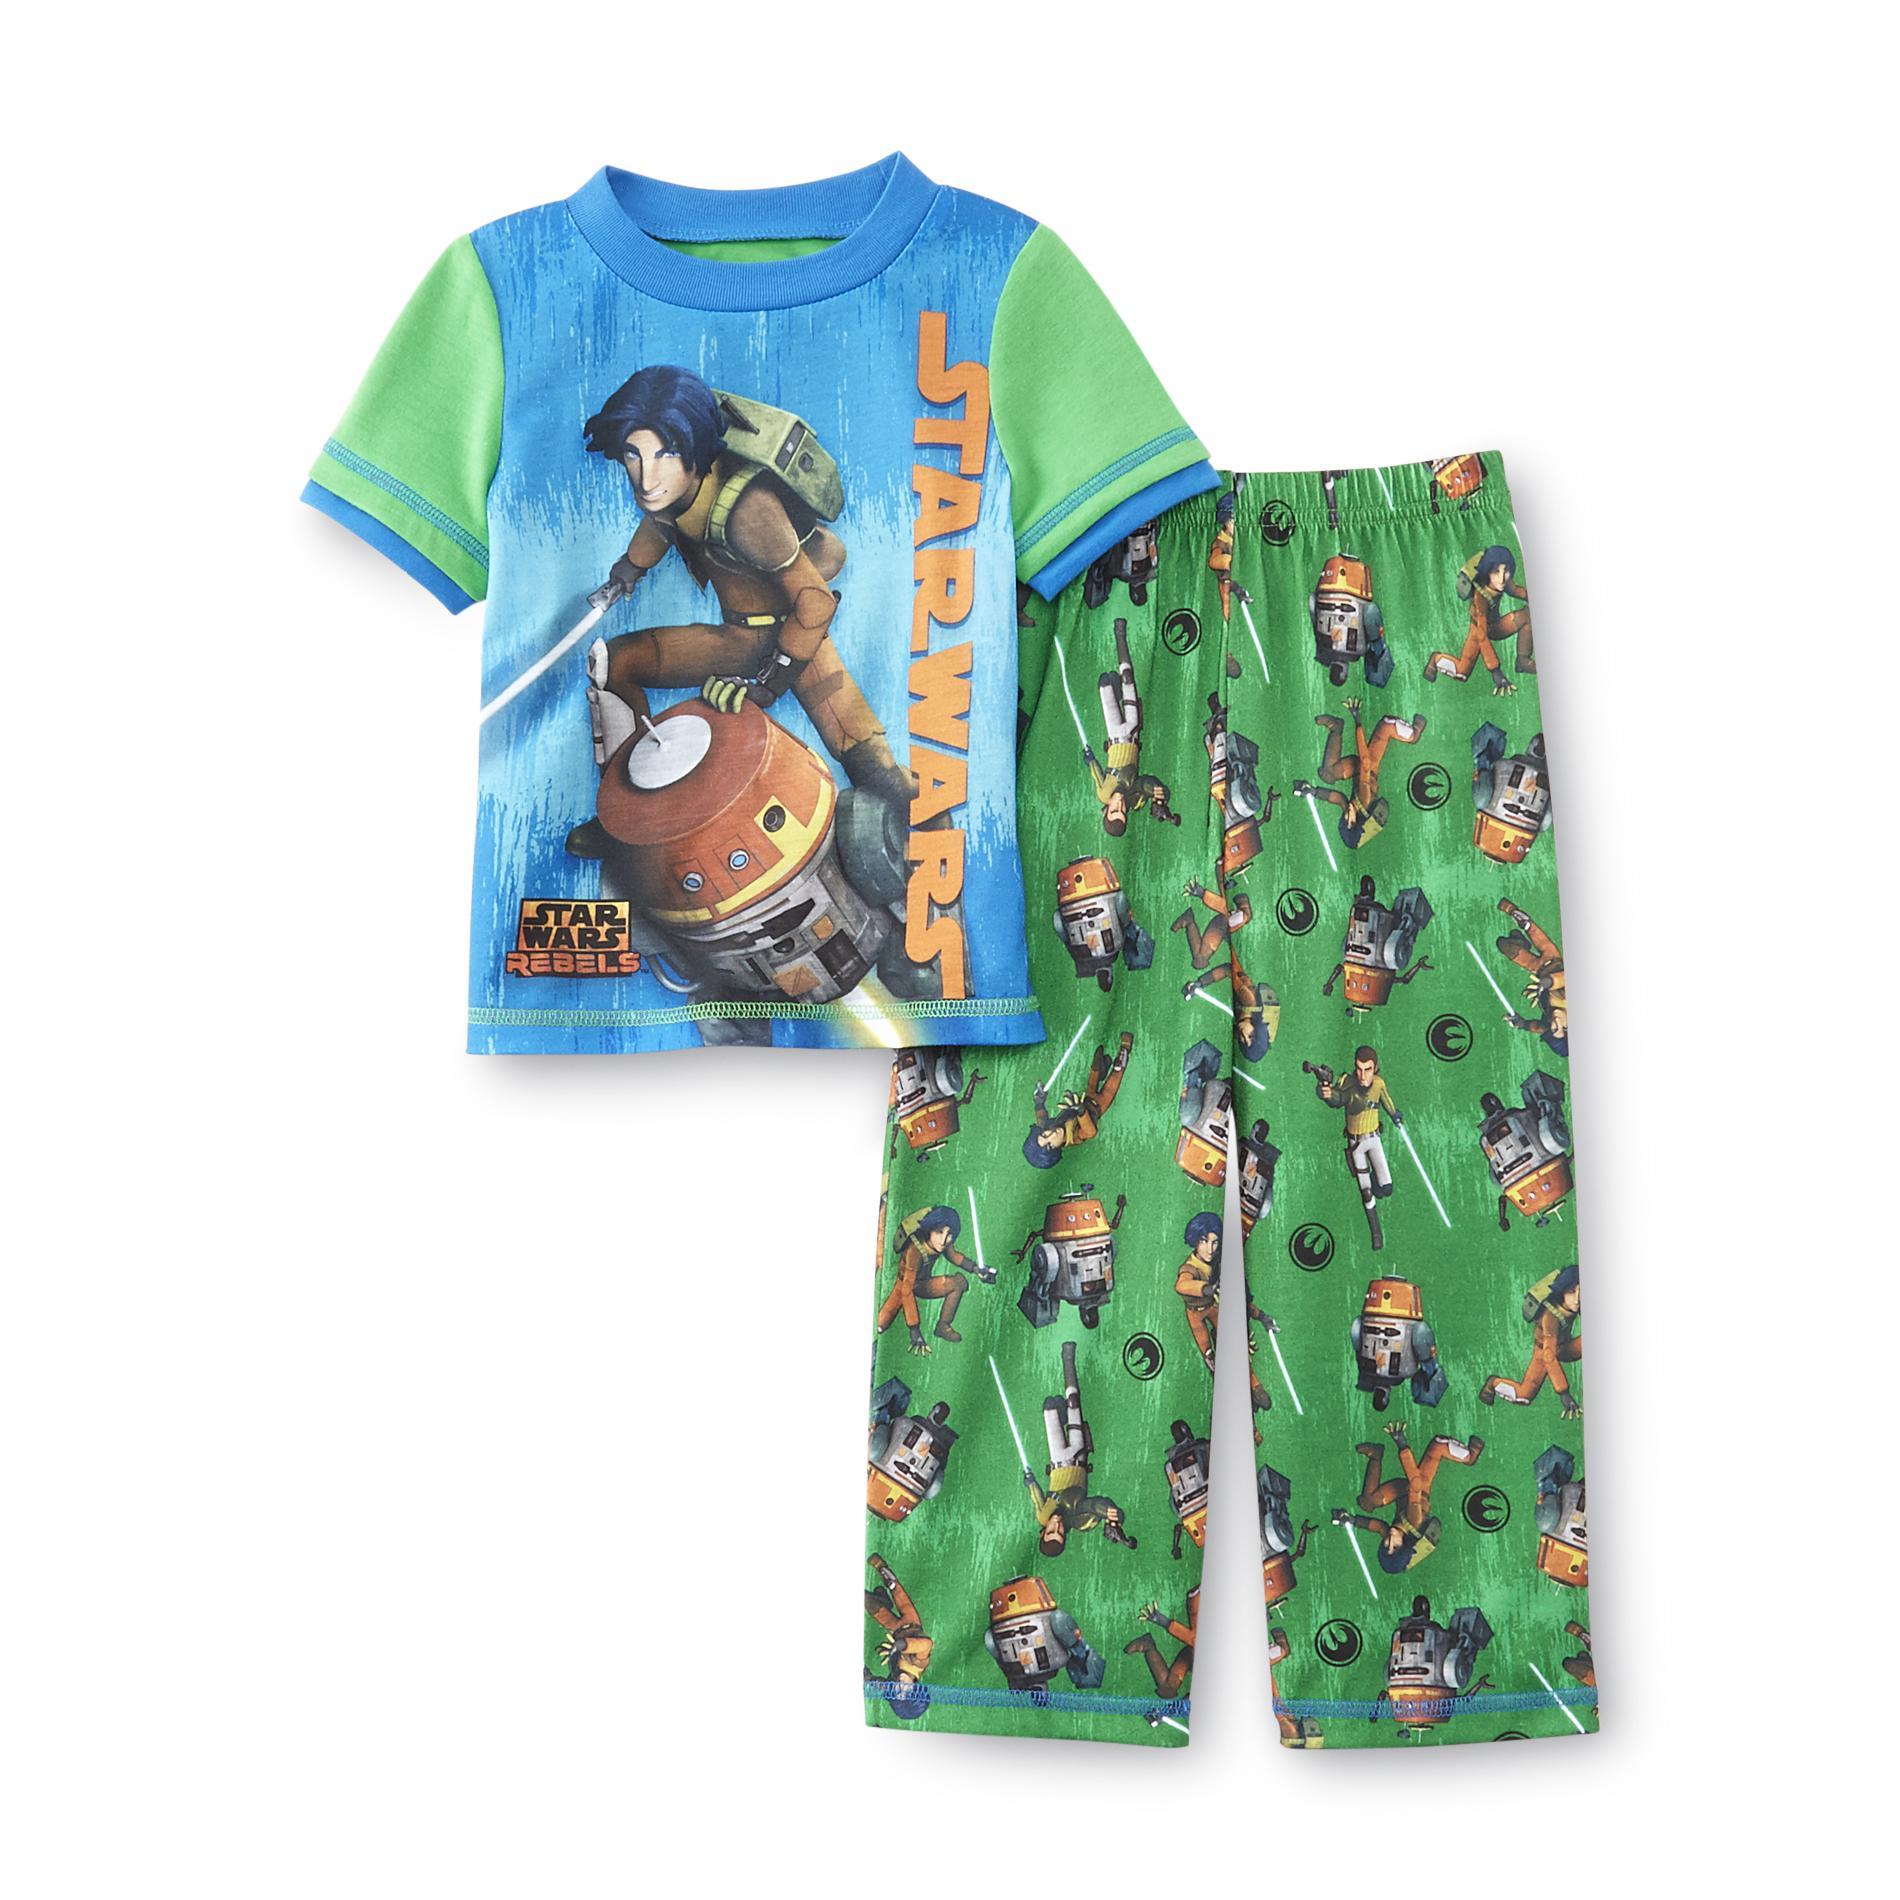 Star Wars Toddler Boy's Pajamas - Ezra & Chopper PartNumber: 024VA81102812P MfgPartNumber: K173325SB